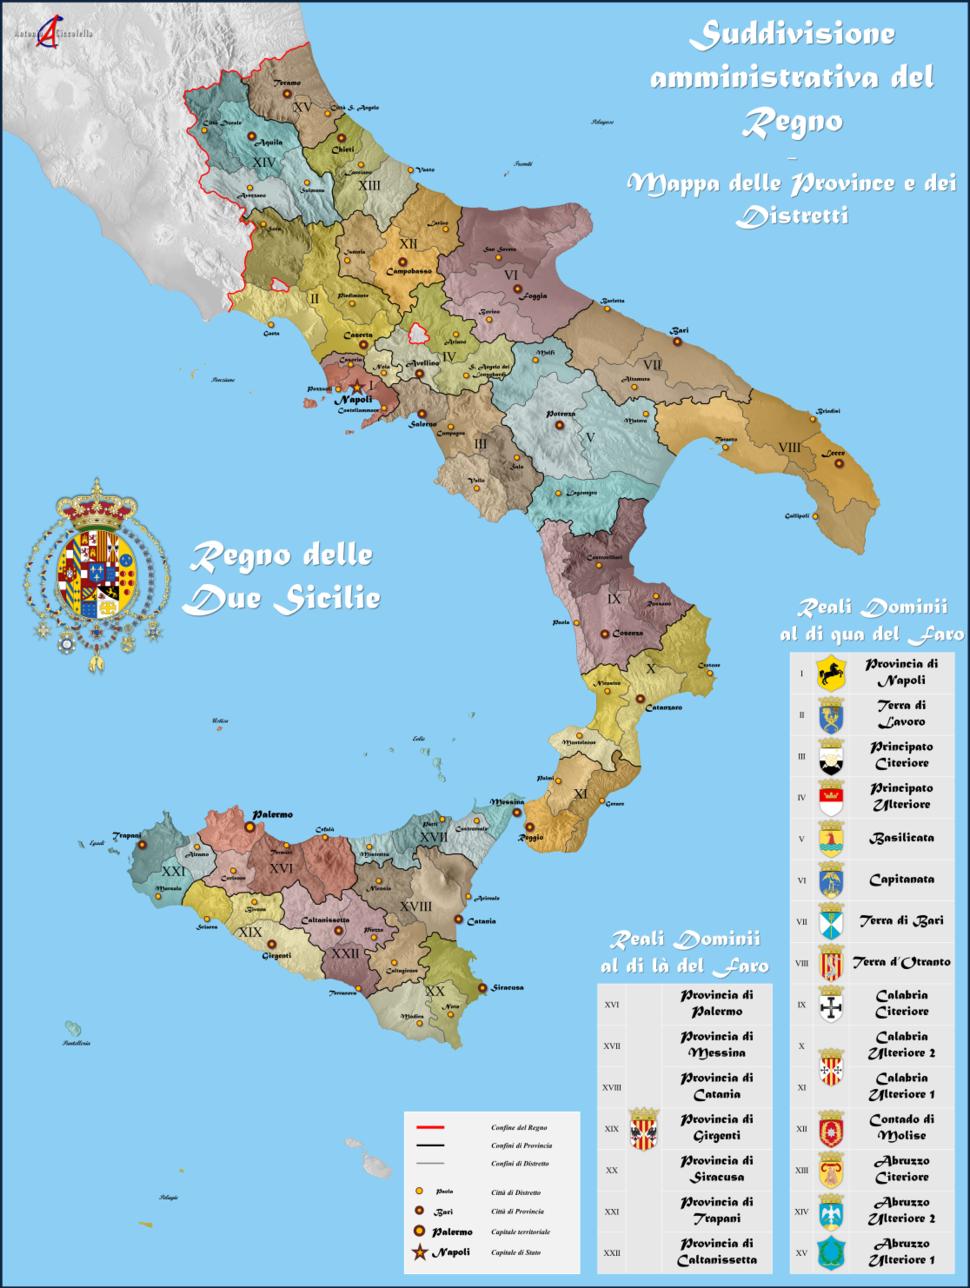 Suddivisione amministrativa del Regno delle Due Sicilie